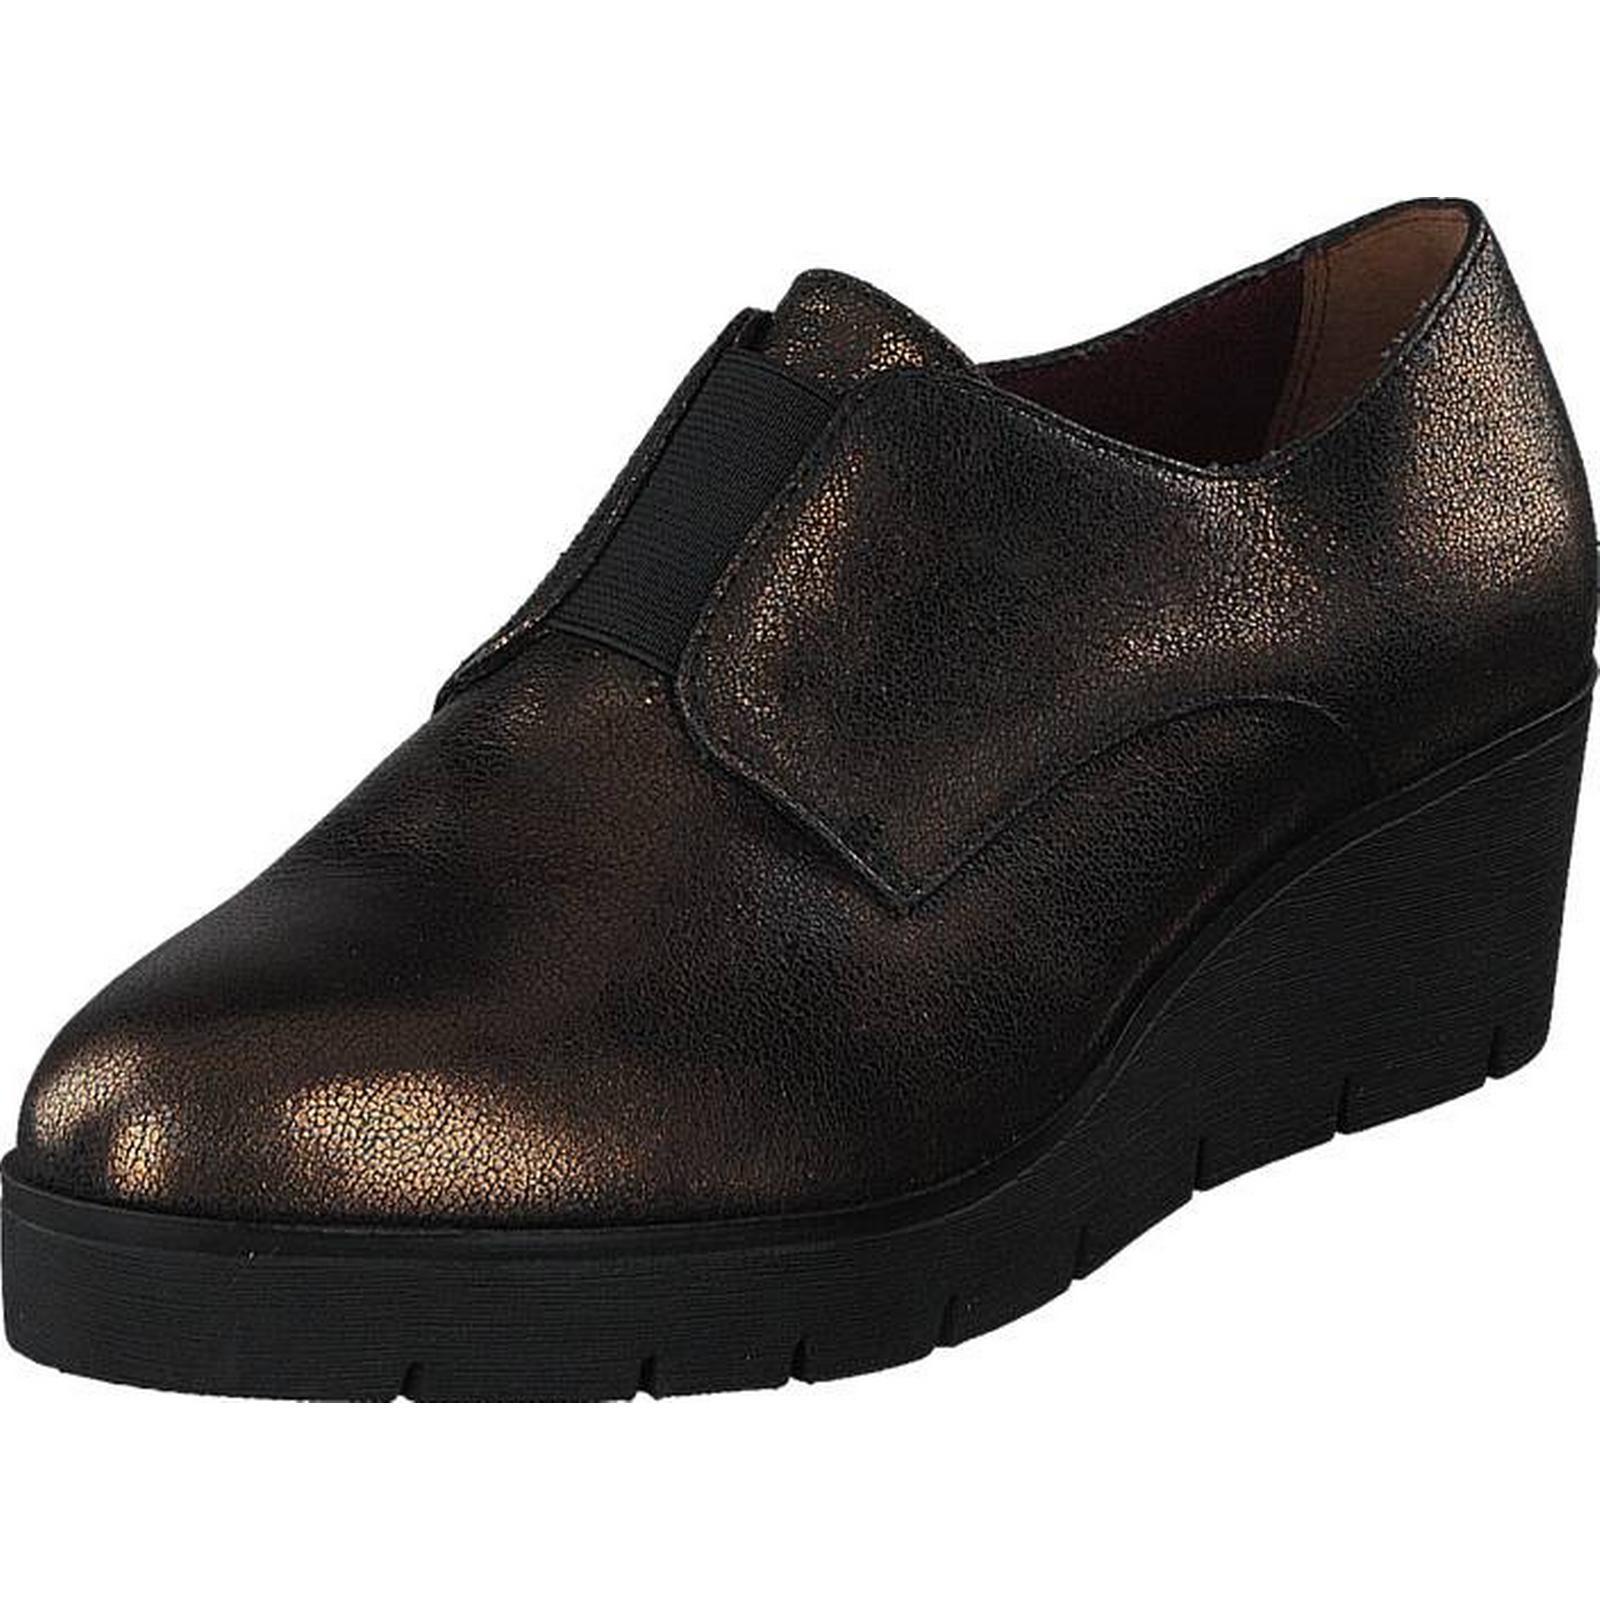 Novita man shoes fb9d4b9ba4540